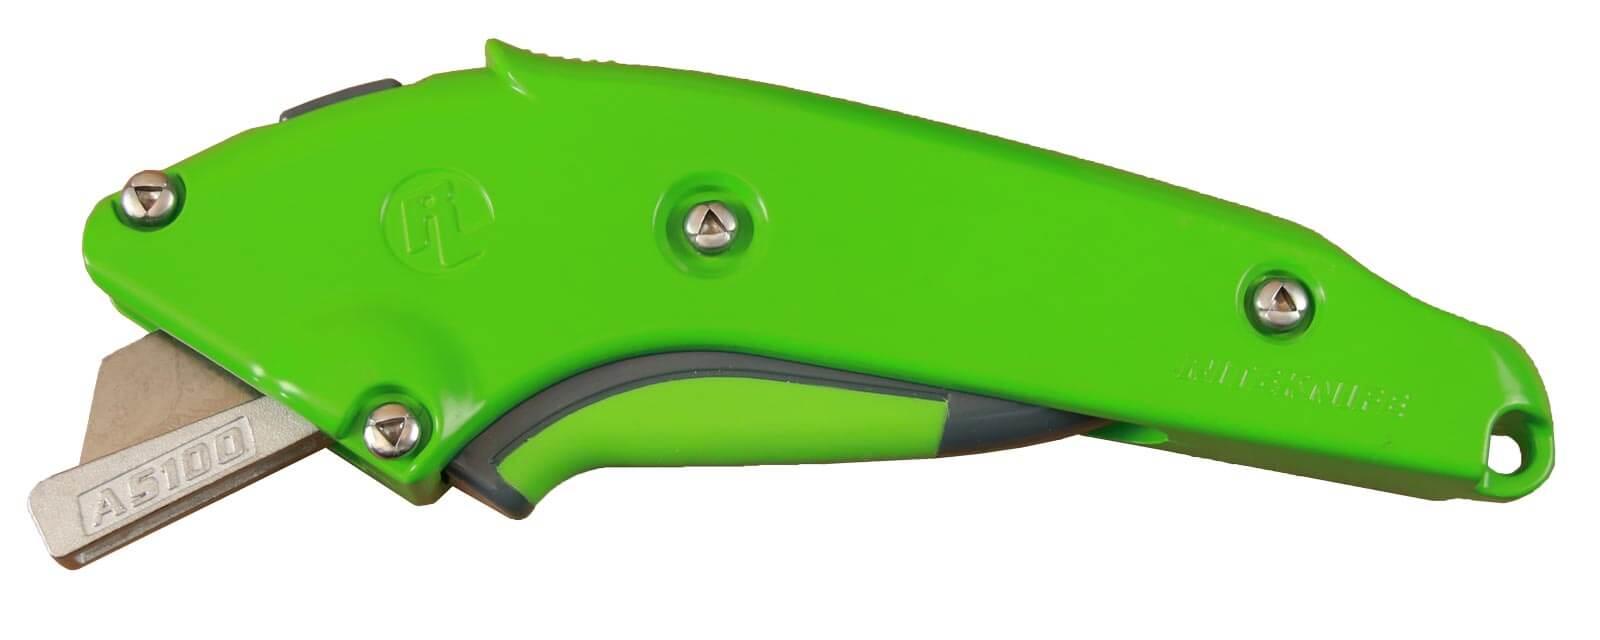 UAS100-Sicherheitsmesser-extra-sicher-Premium-vollautomatischer-Klingenschutz-besonders sicher CURT-tools